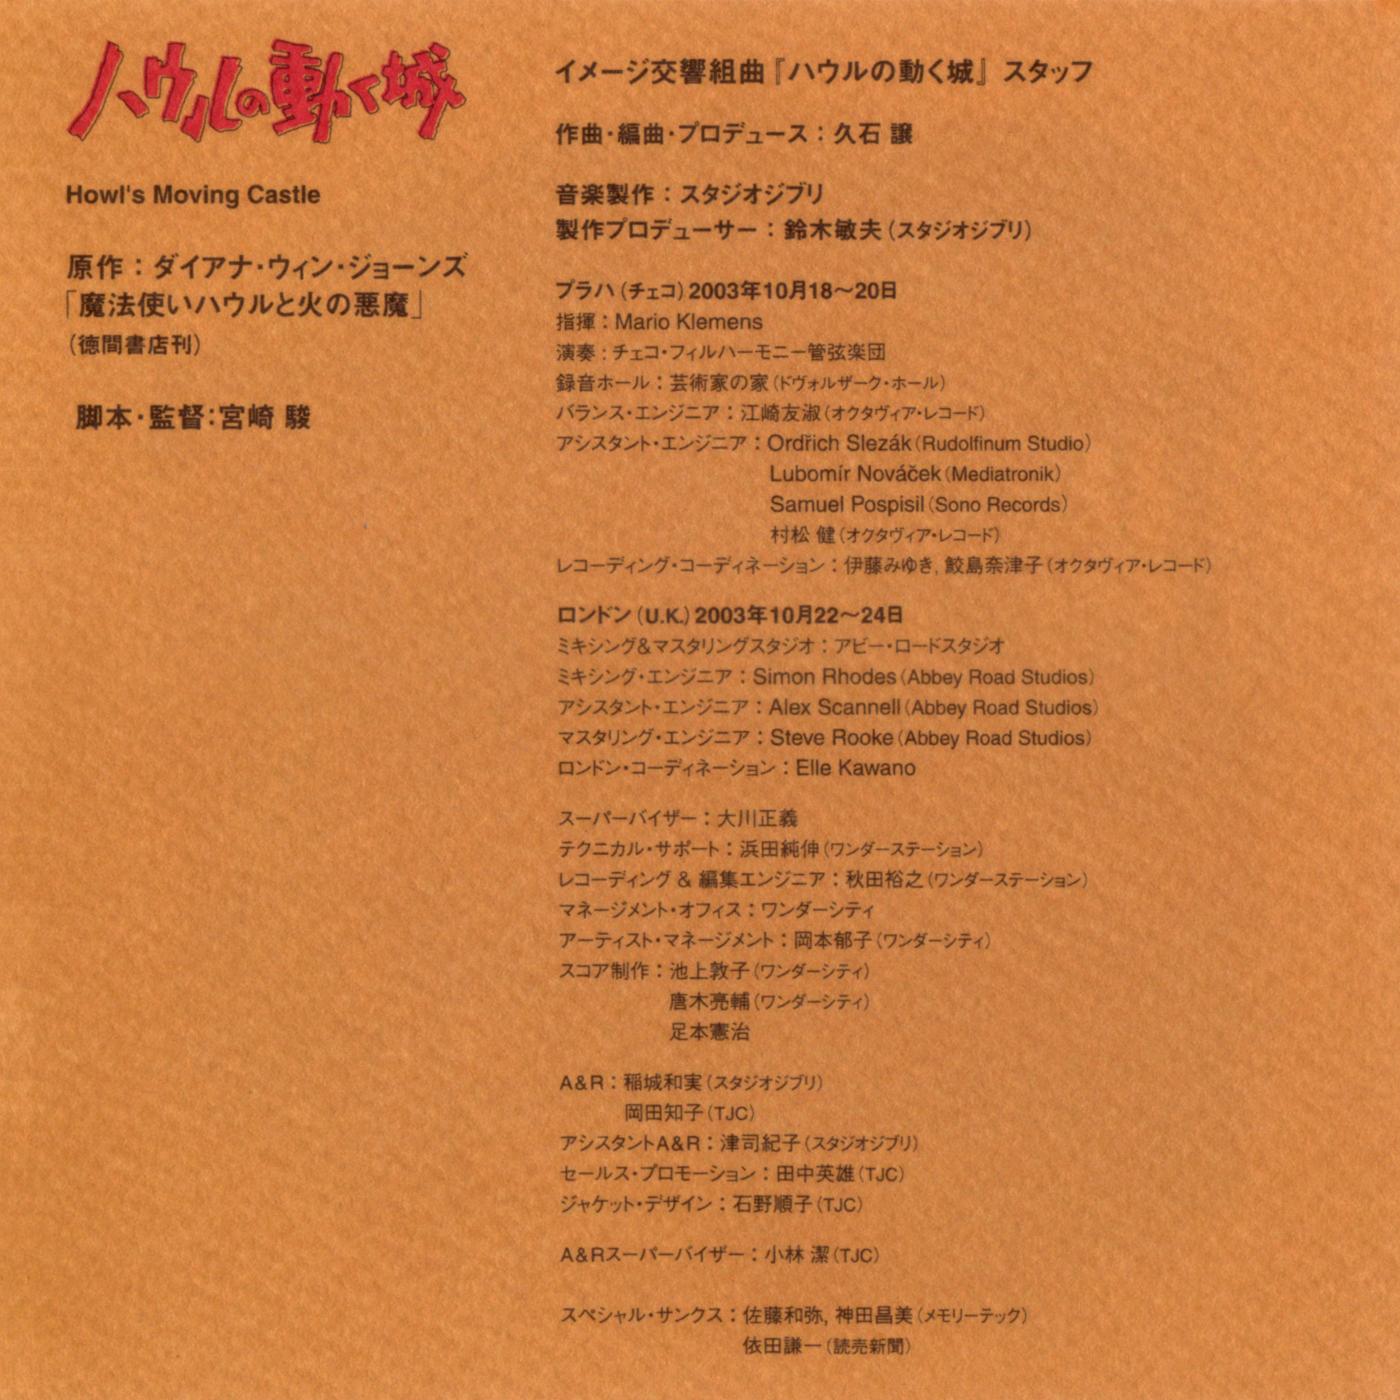 Image Symphonic Suite Howl's Moving Castle Booklet p. 03.png